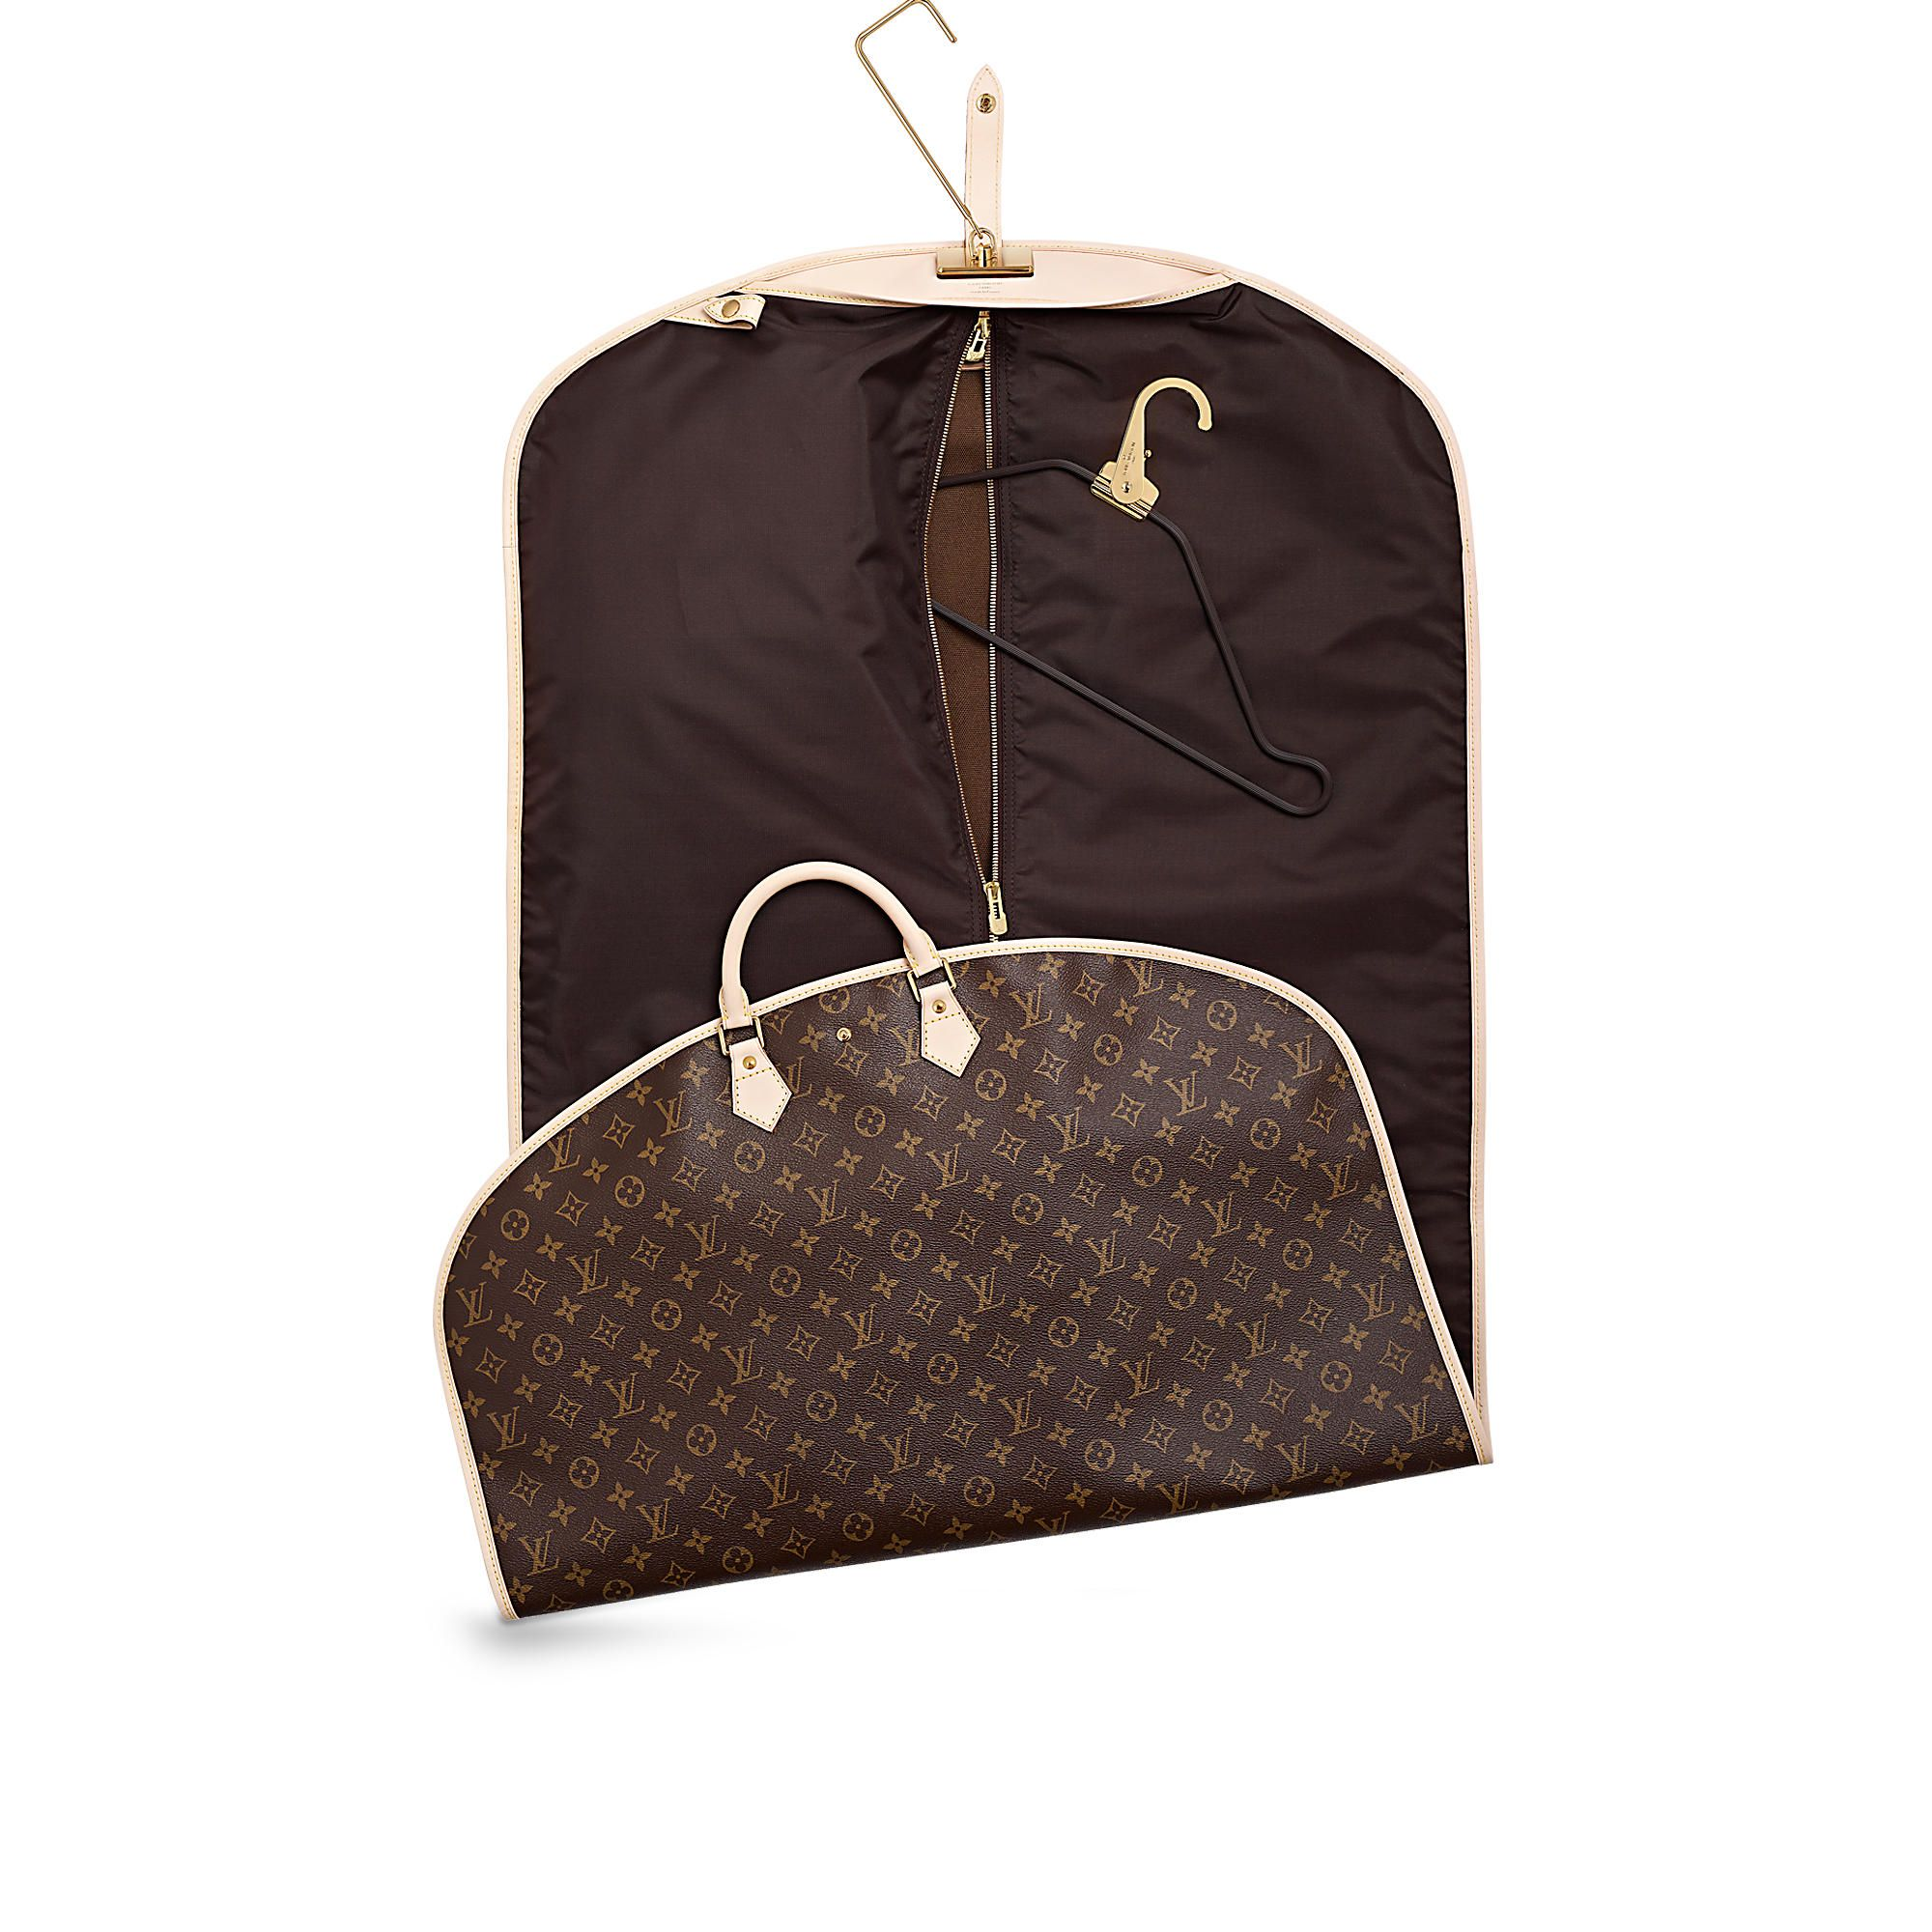 Louis Vuitton Handbags Monogram Suit Covers Garment Bags Canvas